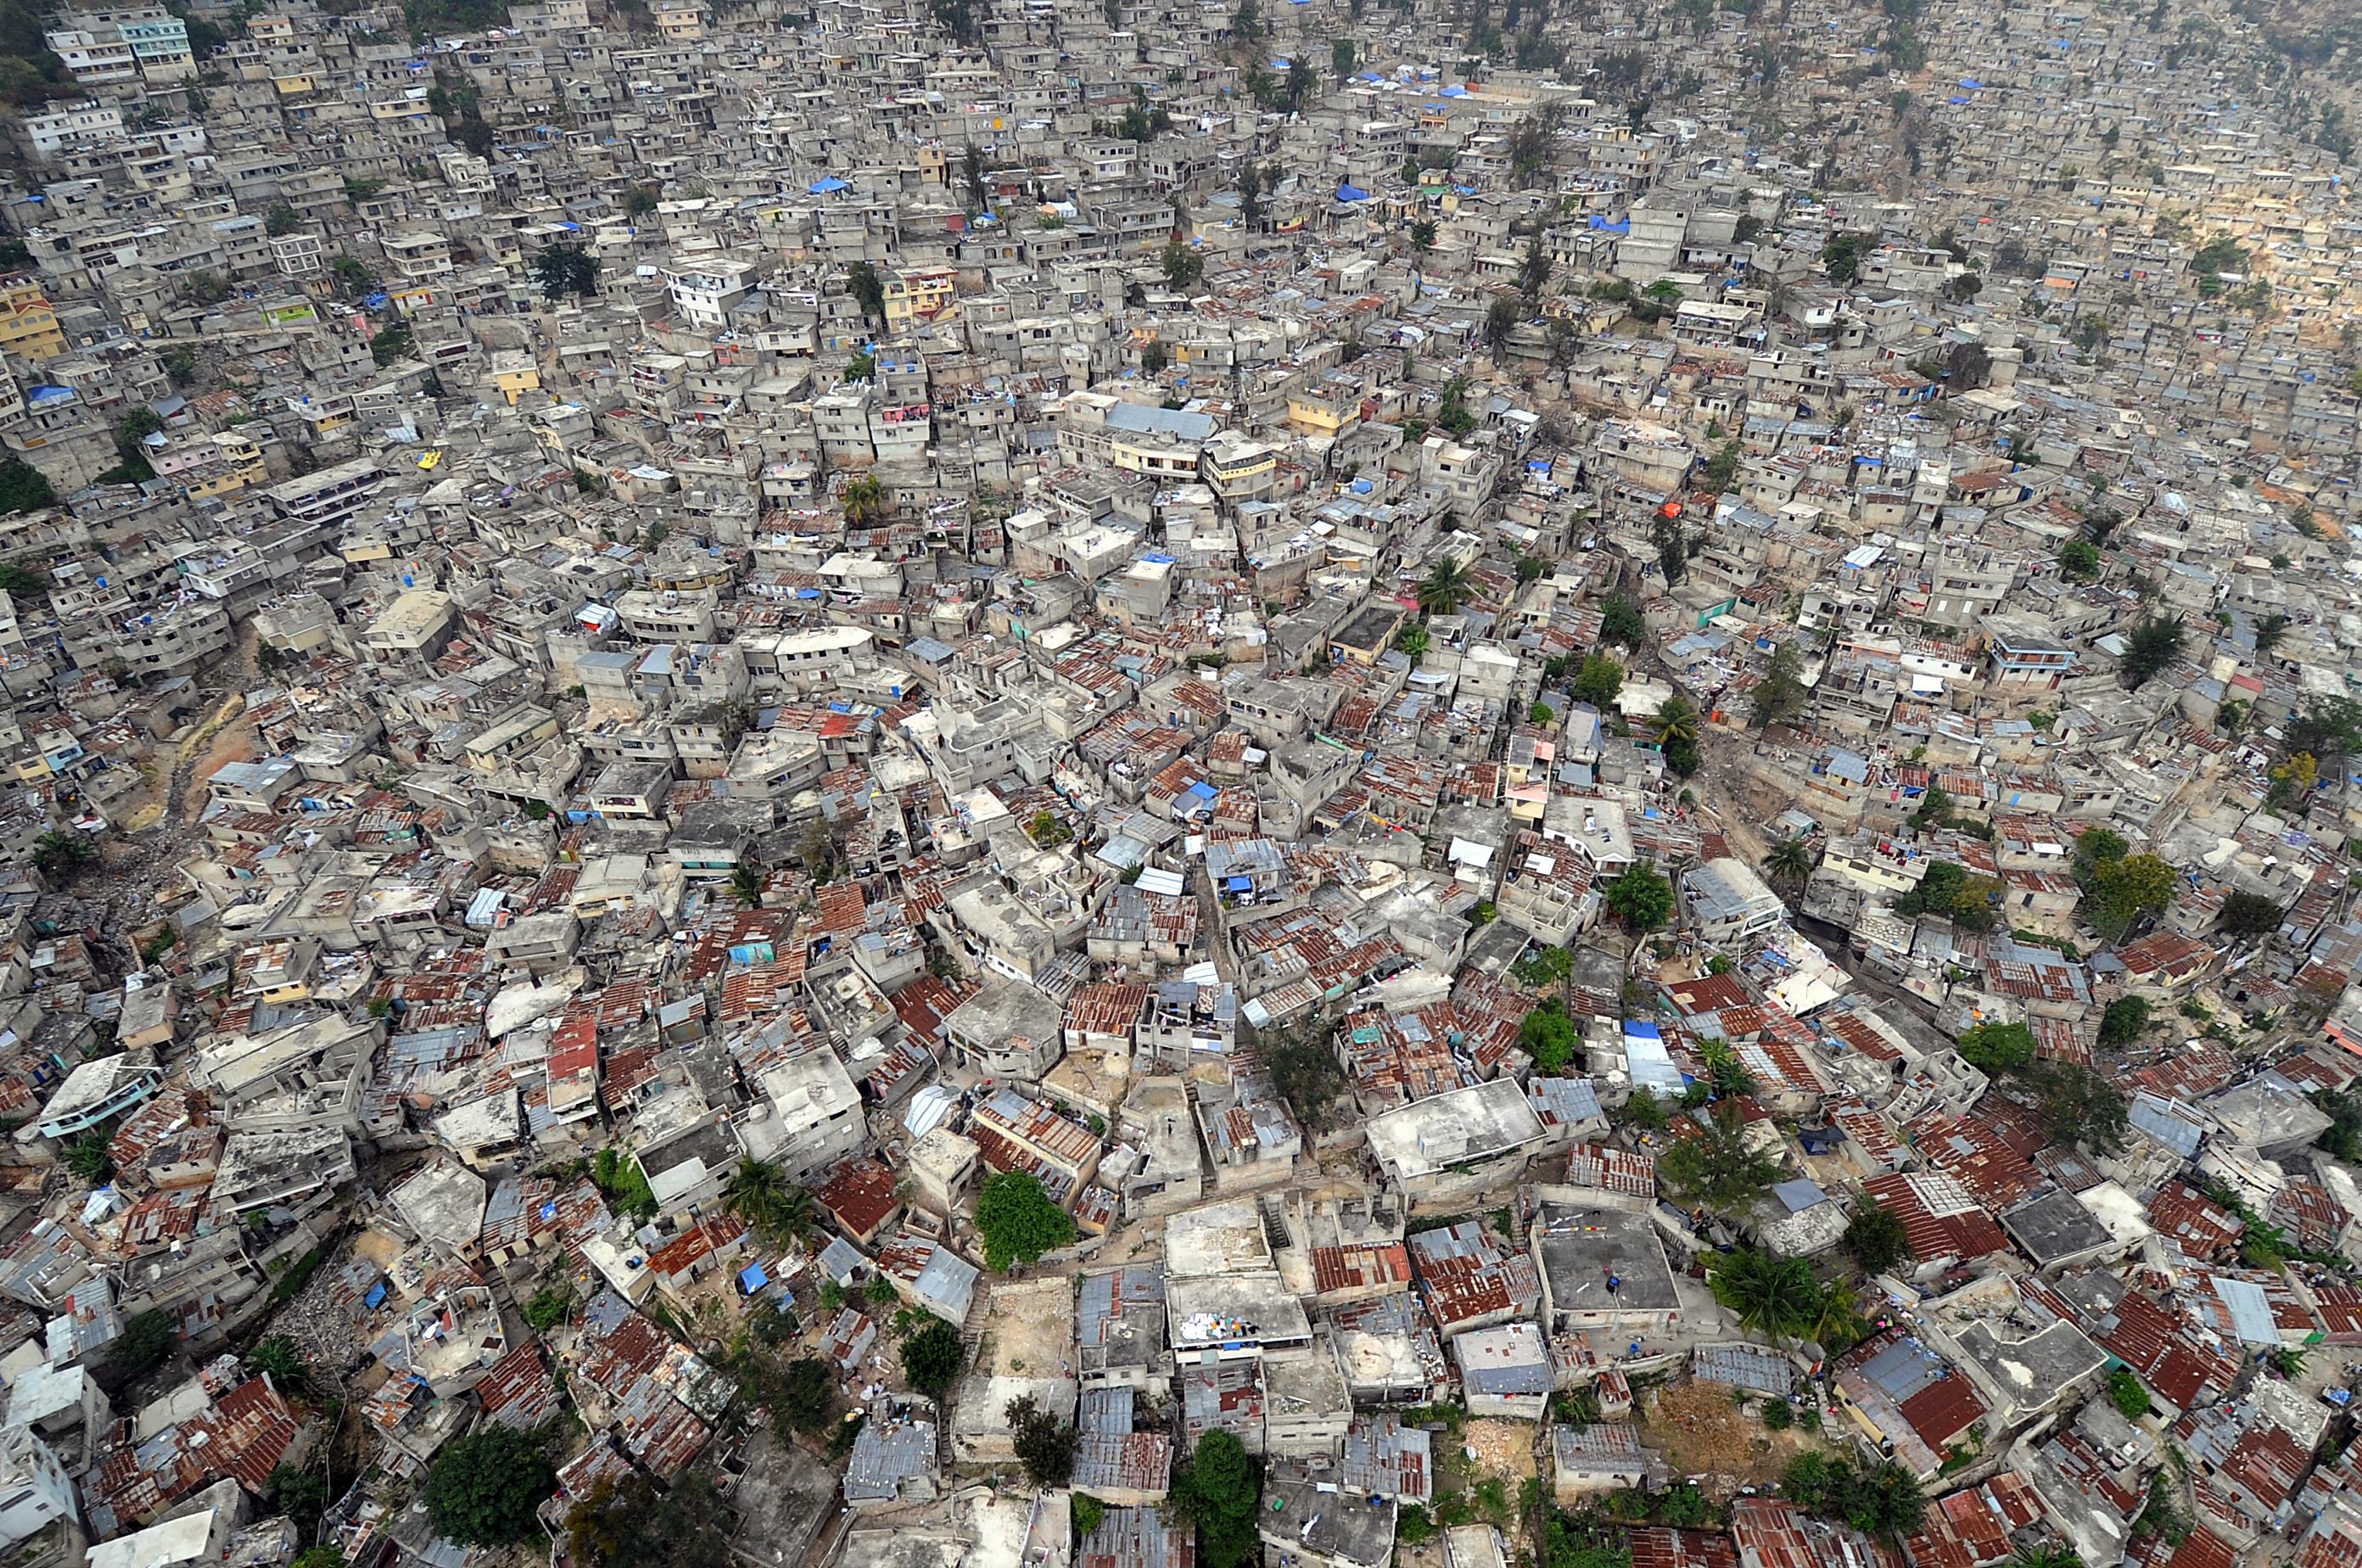 Slum in india essay